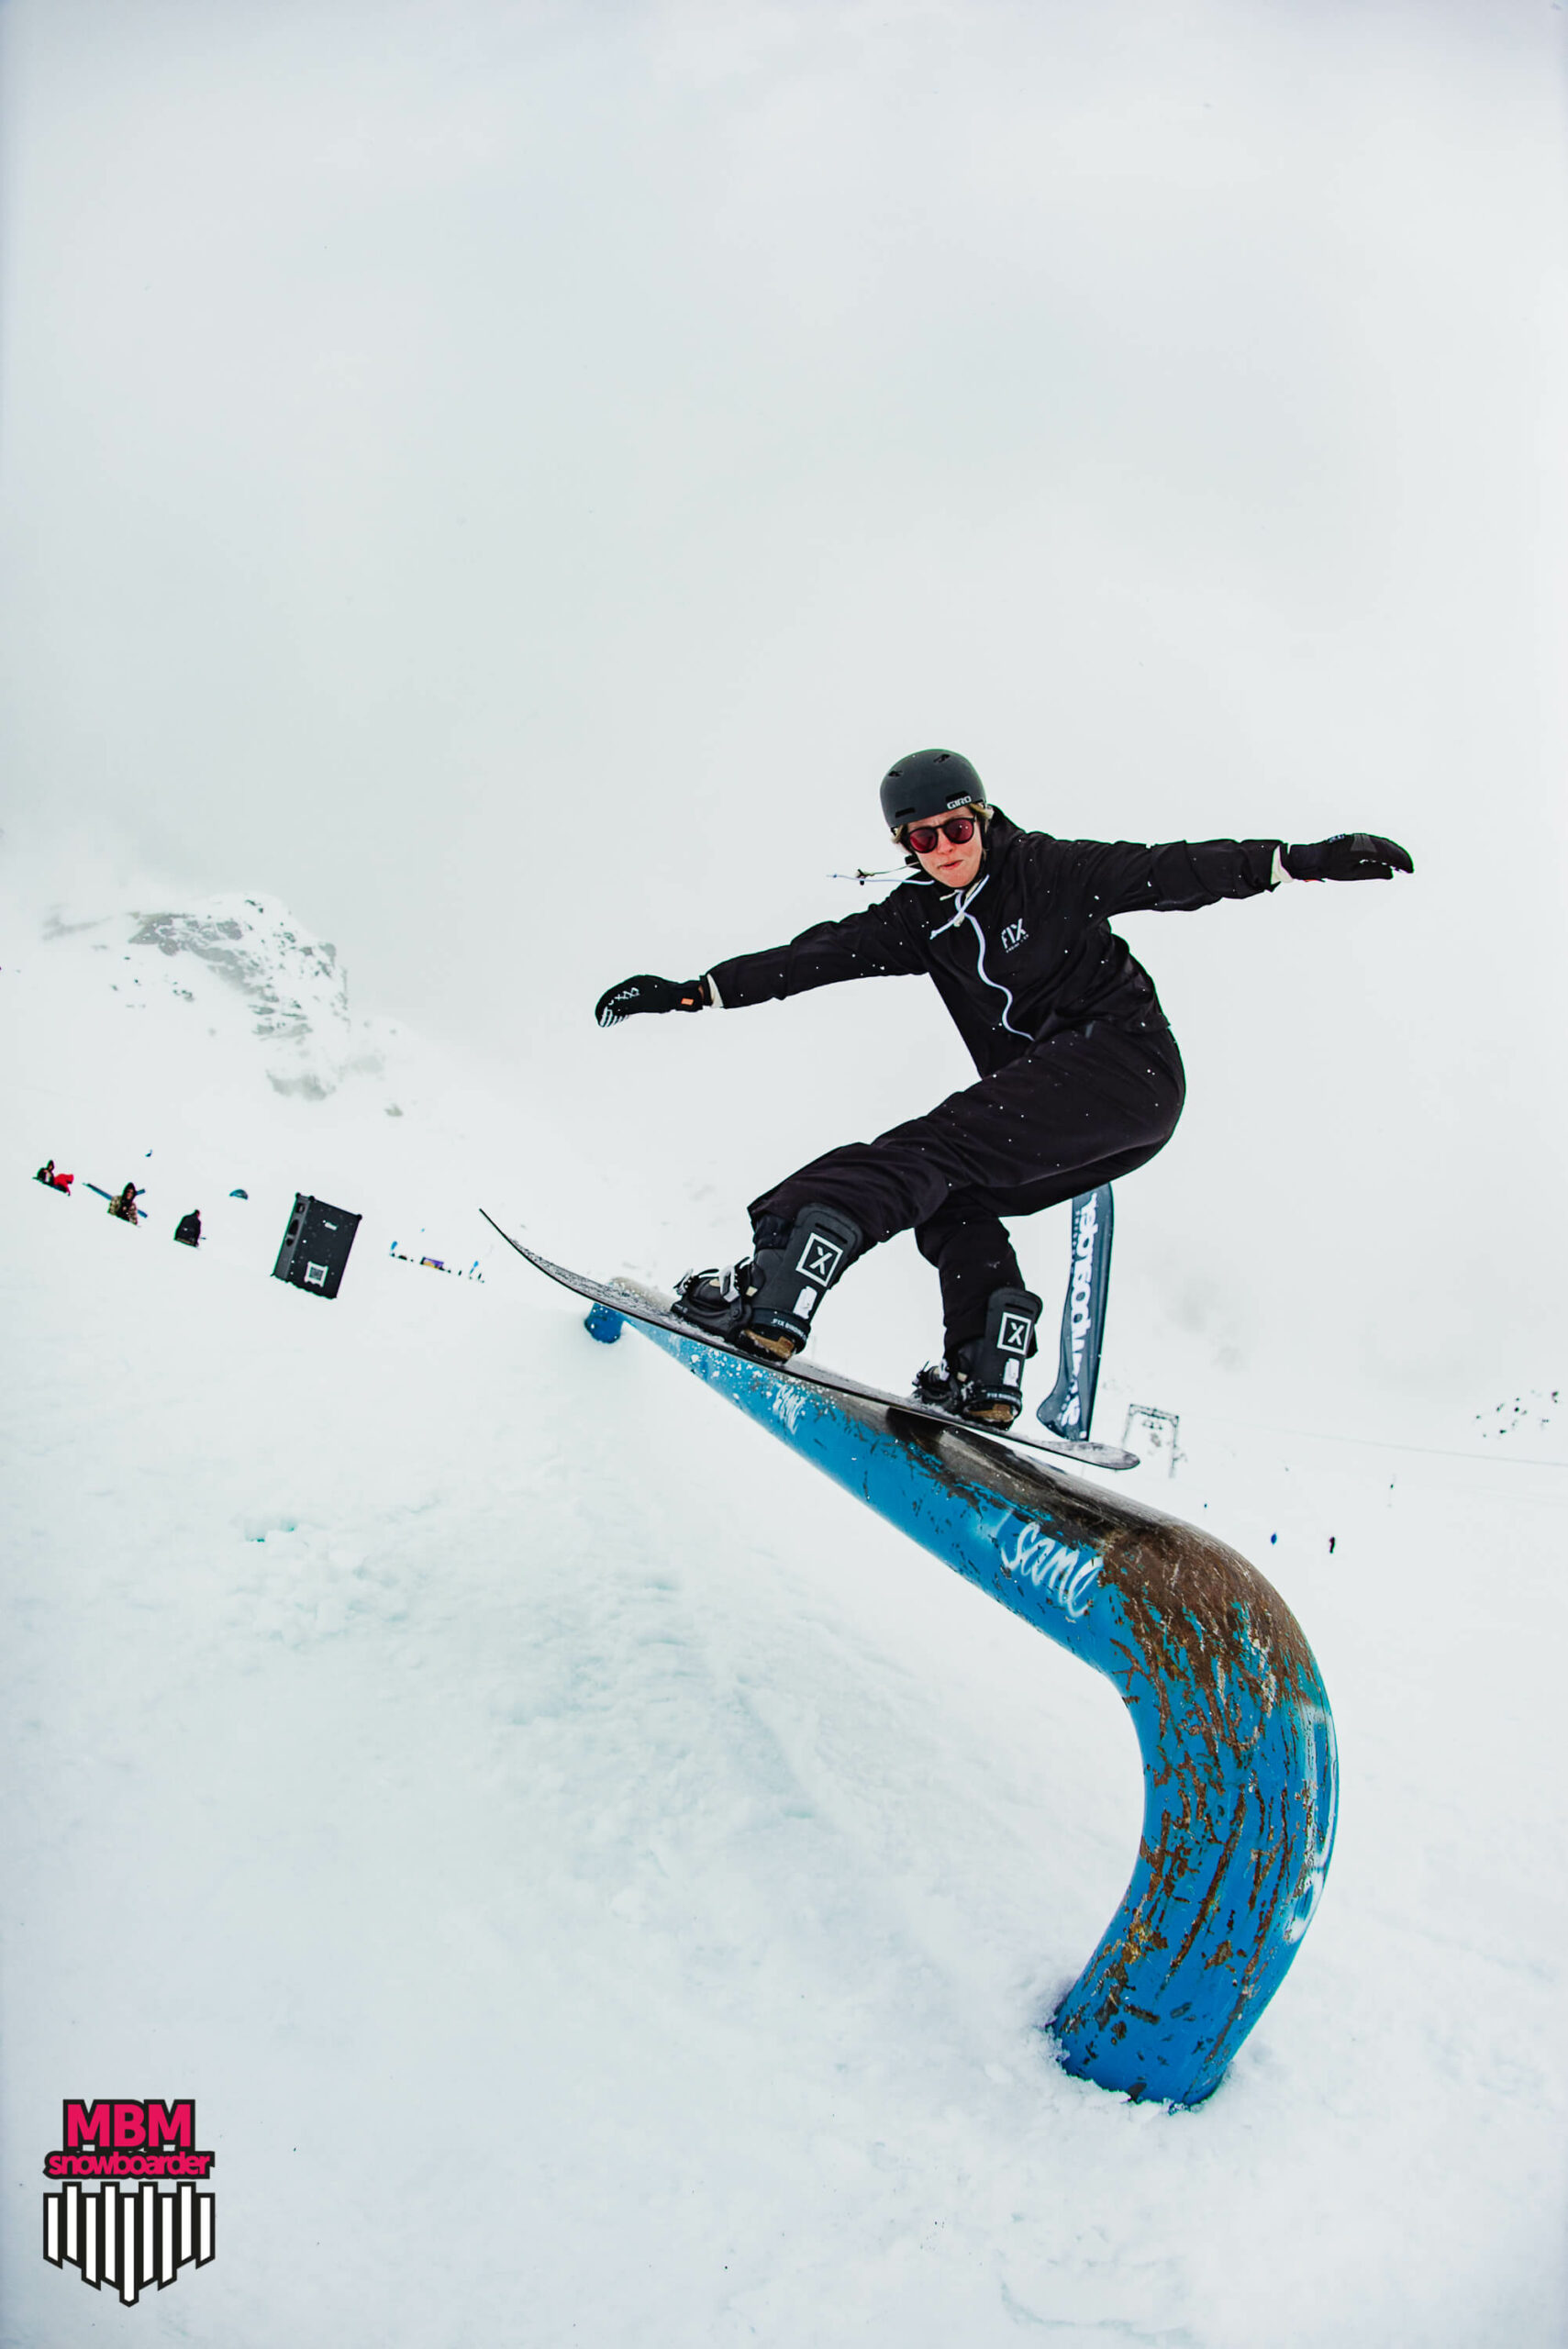 snowboarderMBM_sd_kaunertal_093